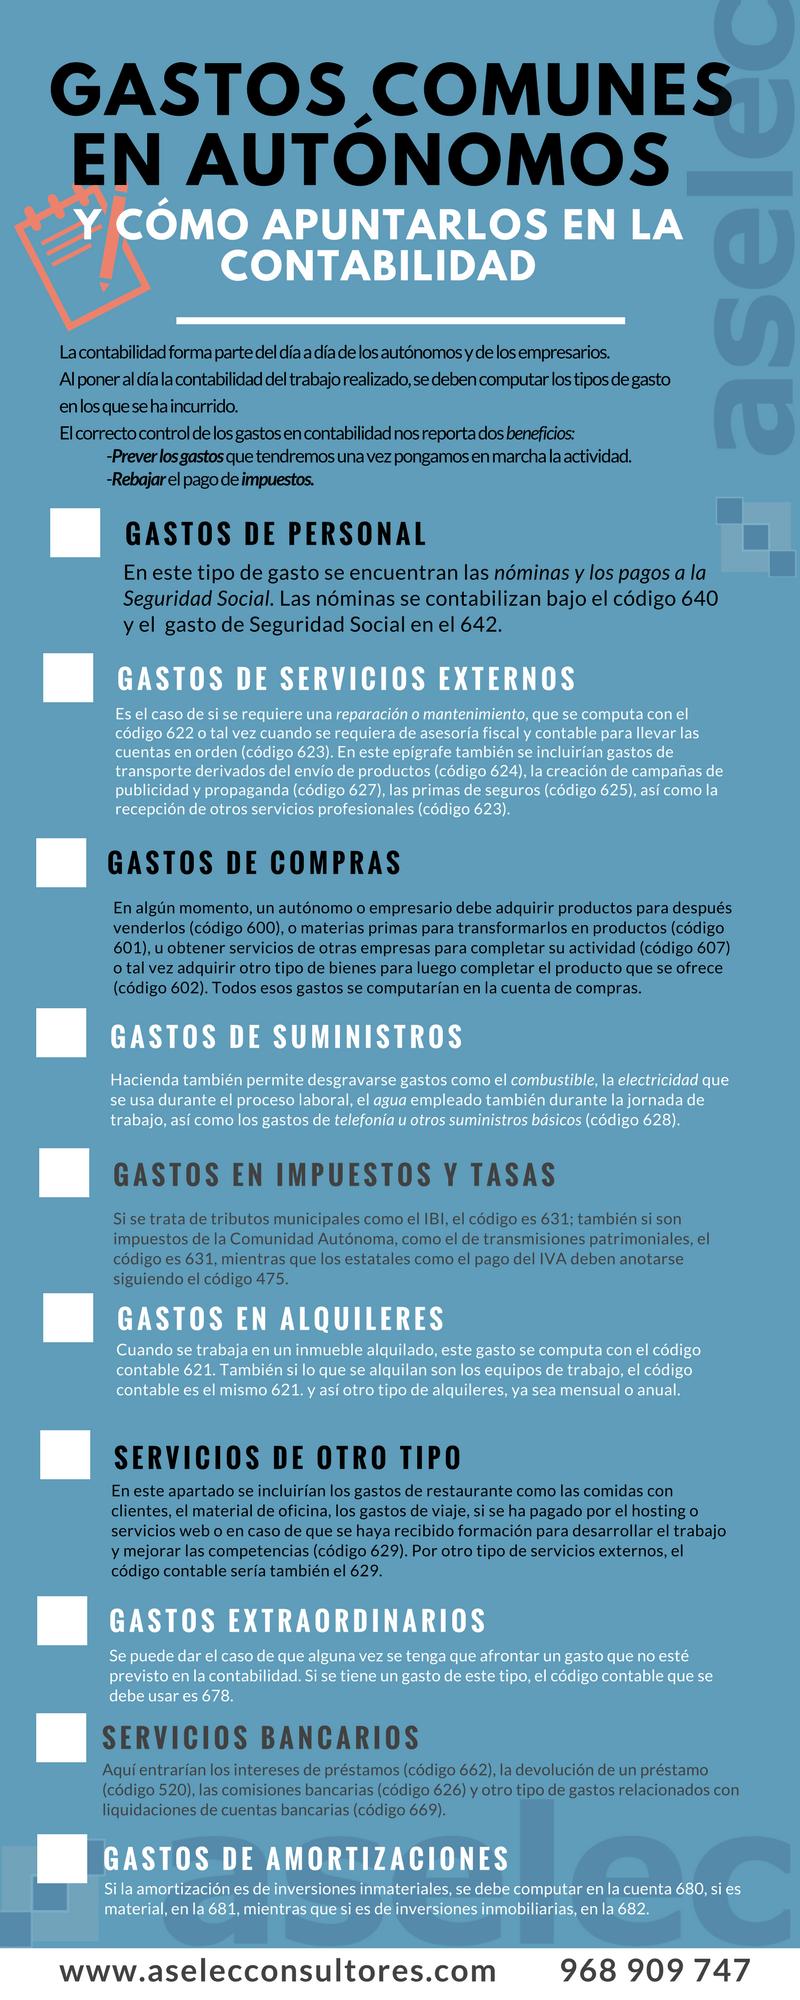 INFOGRAFIA-ASELEC-GASTOS-CONTABILIDAD-AUTONOMOS